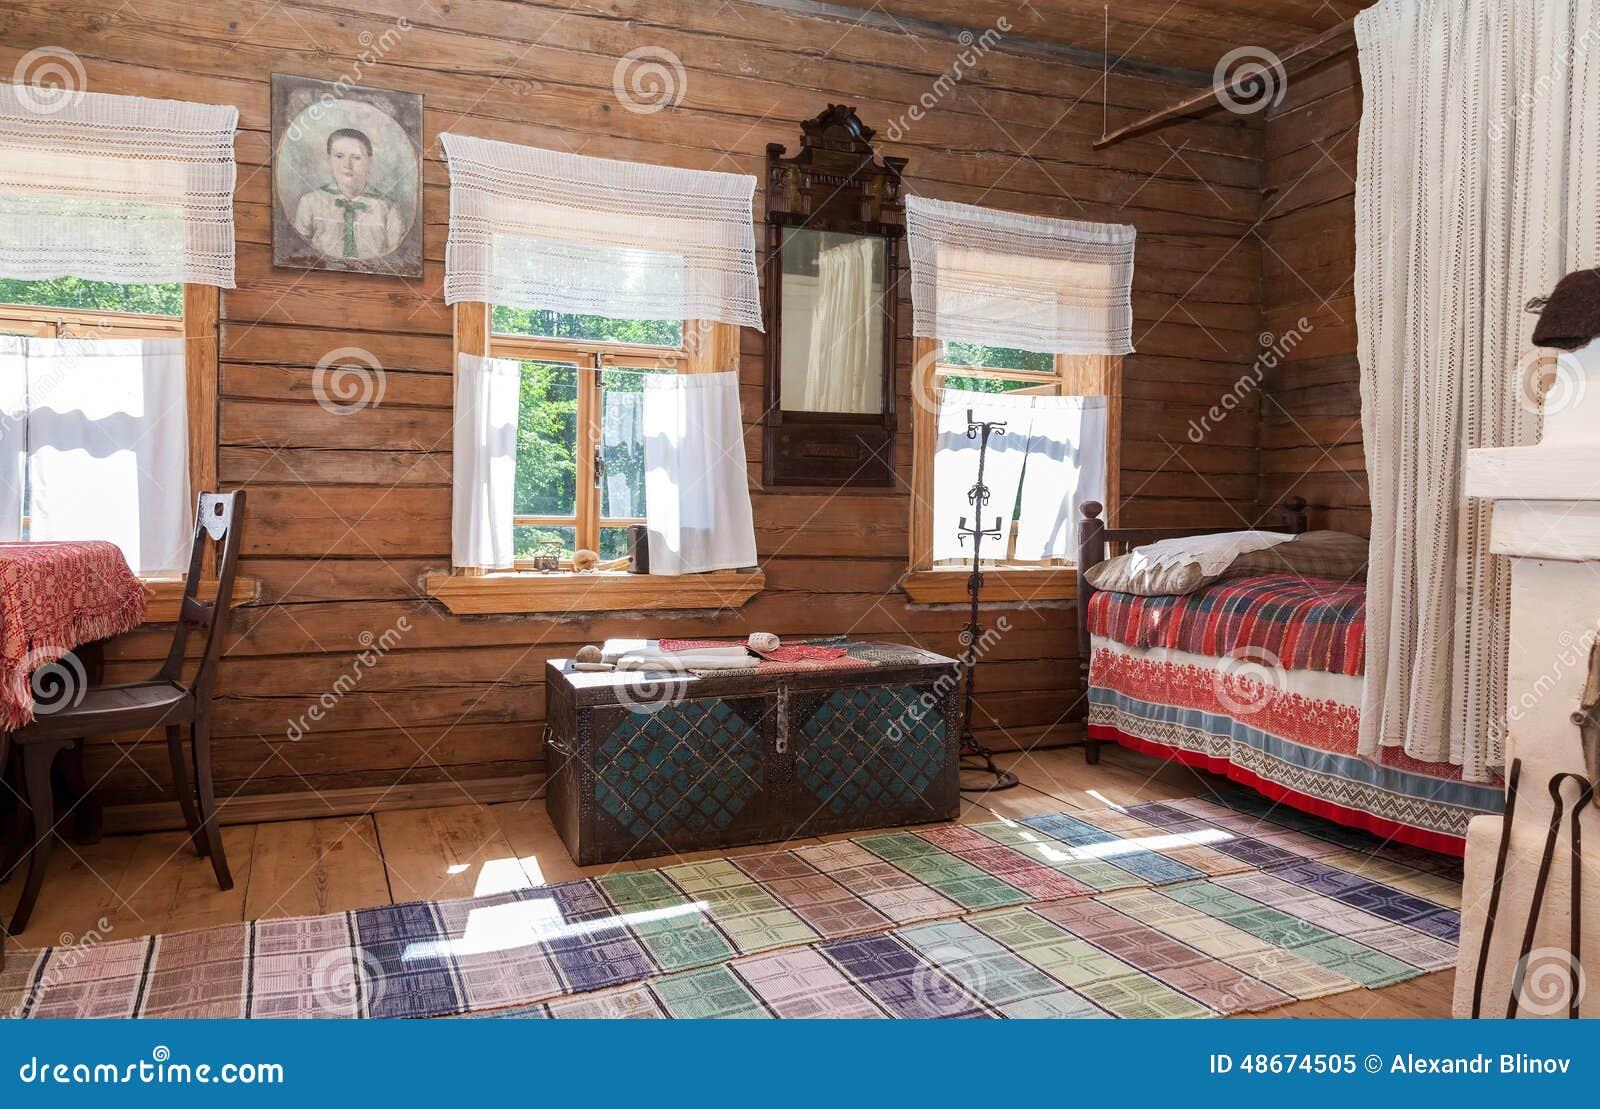 诺夫哥罗德,俄罗斯- 2014年7月23日:老农村木房子内部在木建筑学vito